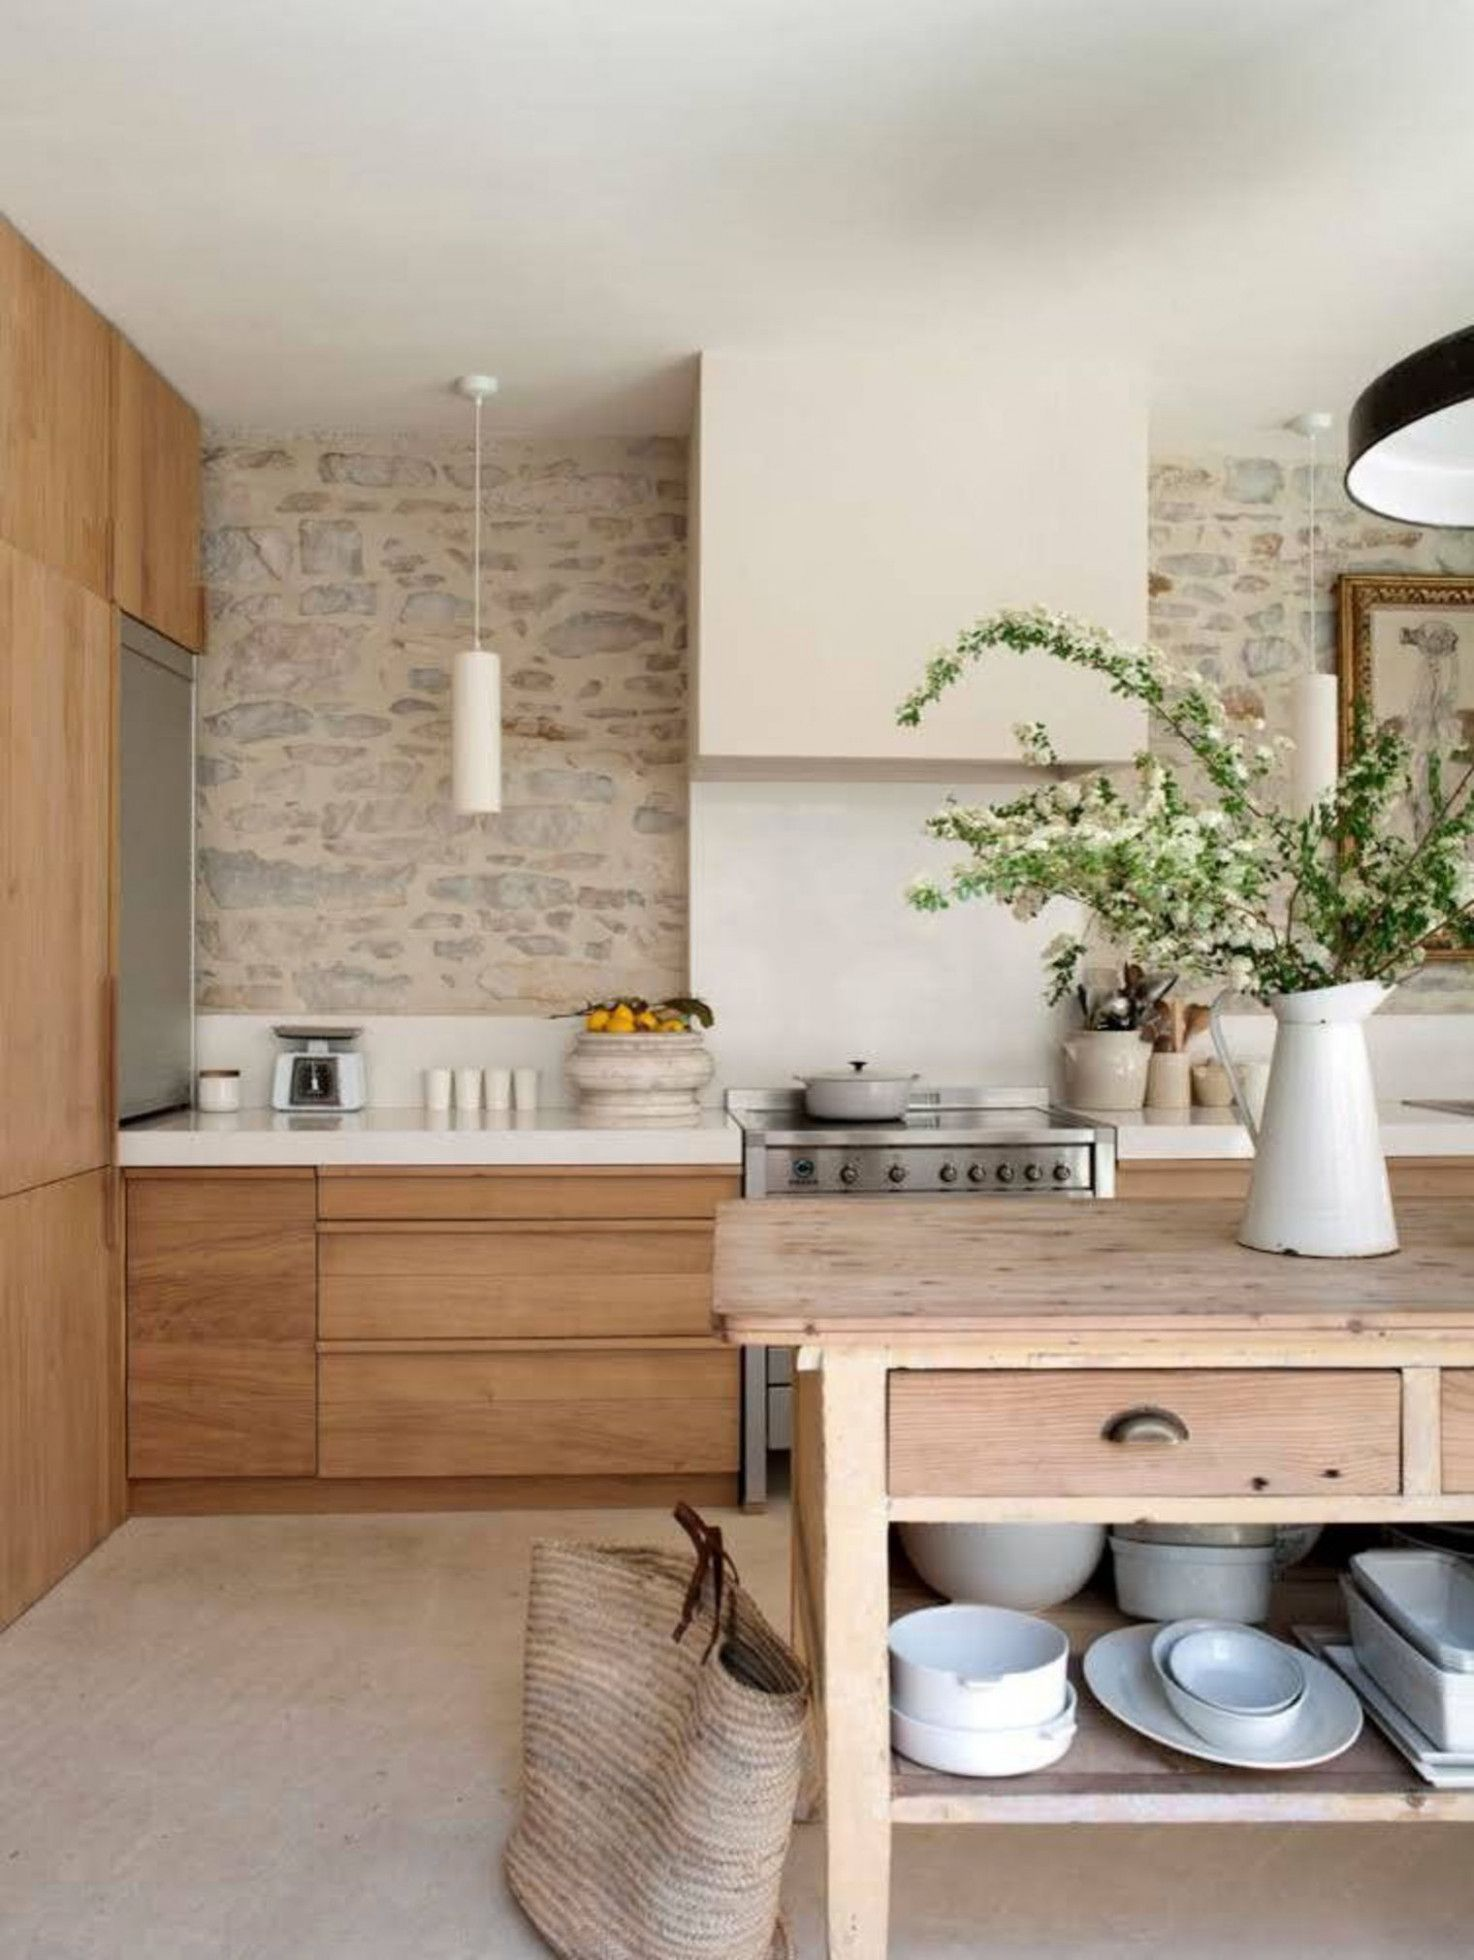 Cuisine Idee Pinterest   Rustic kitchen, Home kitchens, Kitchen design